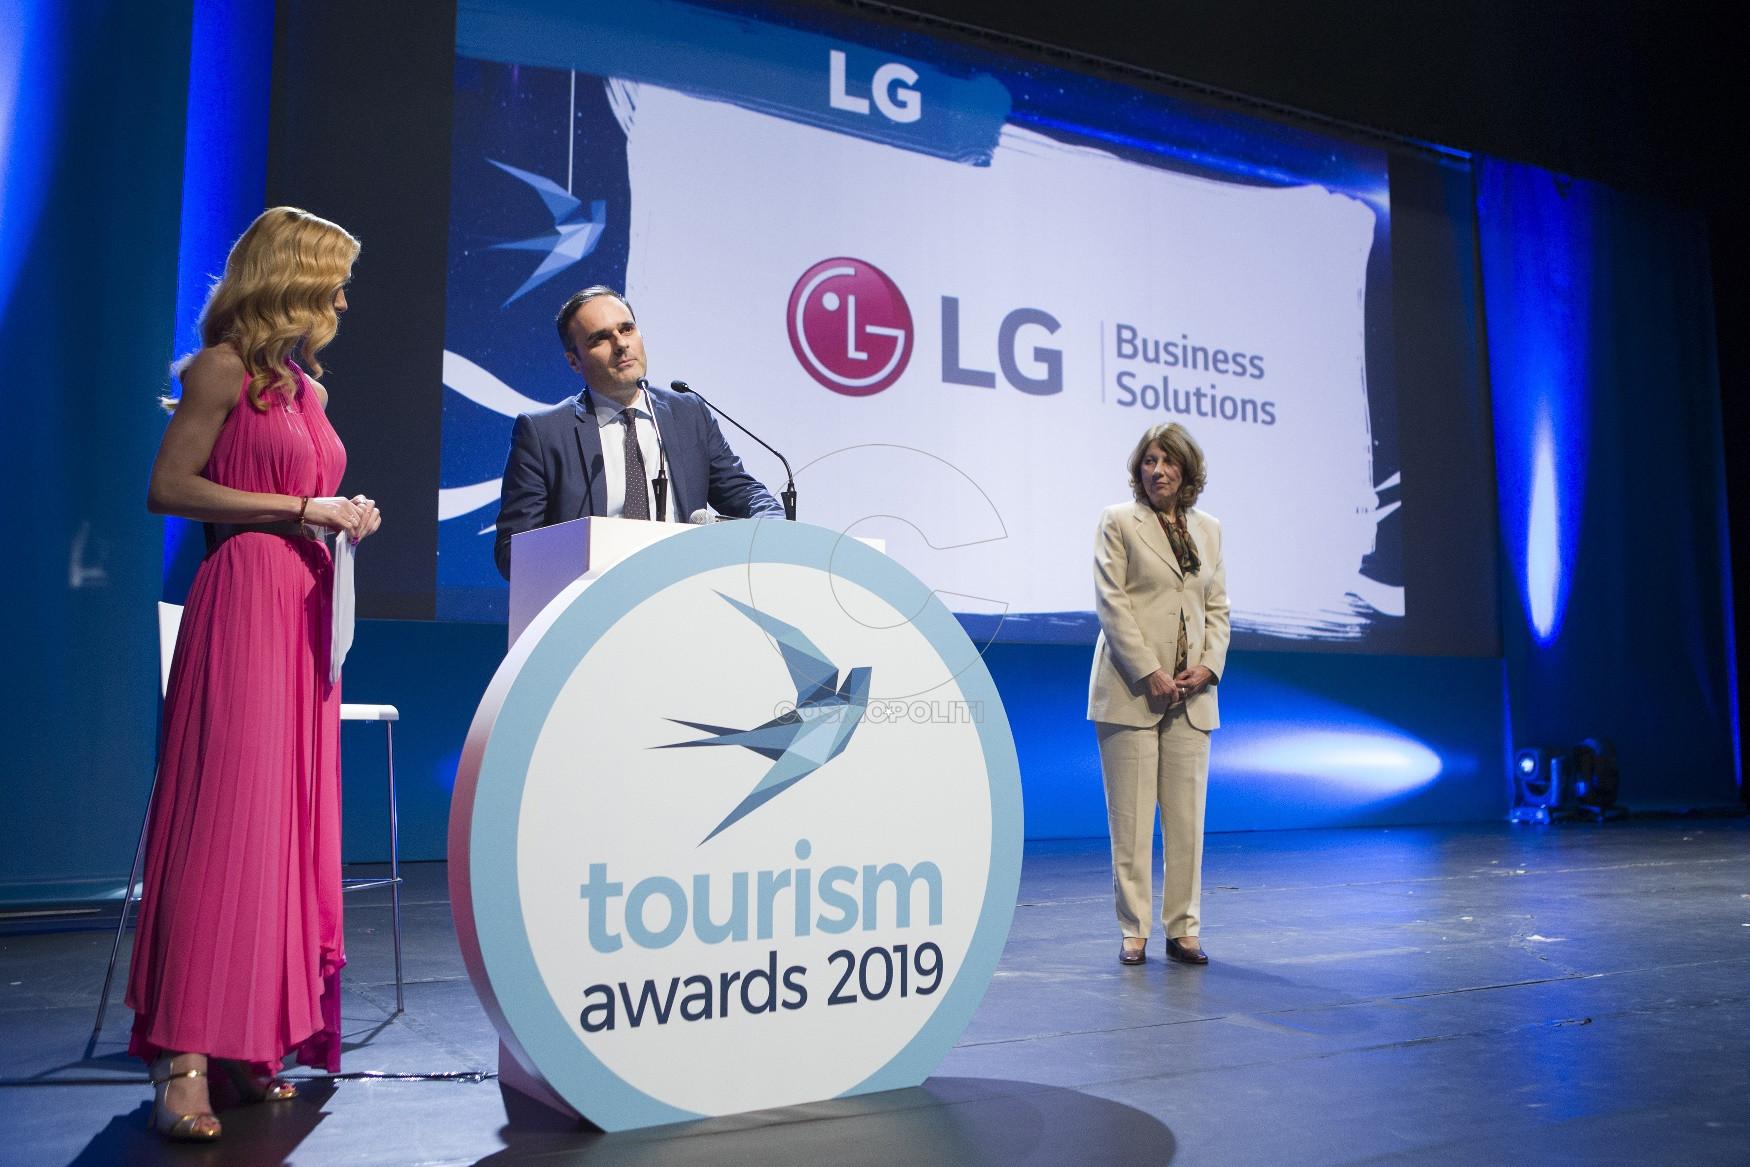 lg_tourism_awards_2019_photo_1_0